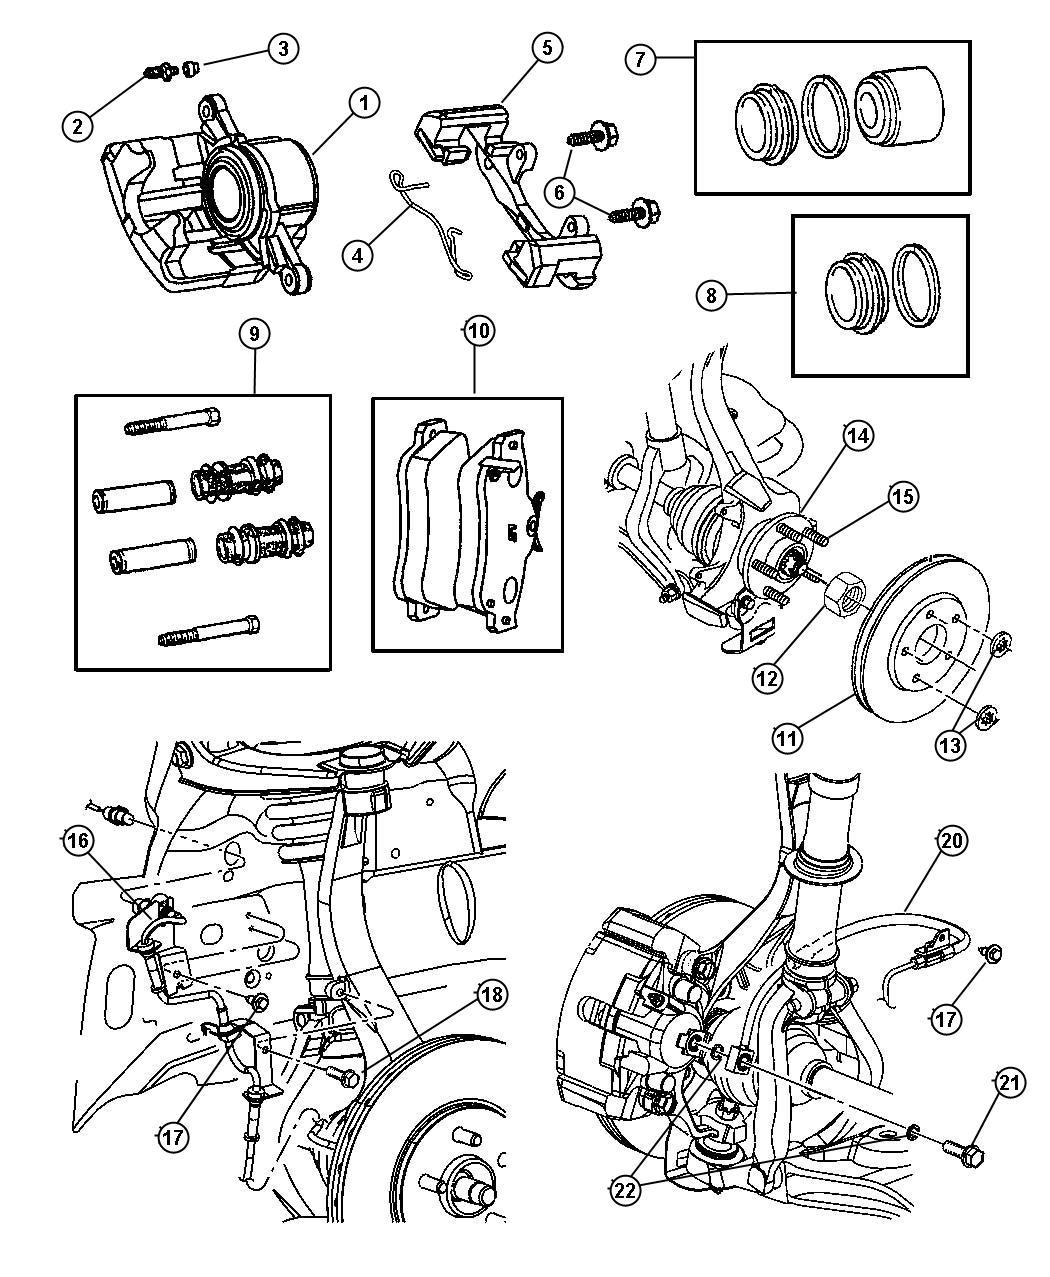 2001 Dodge Stratus Piston kit. Front brake. Wheel, disc